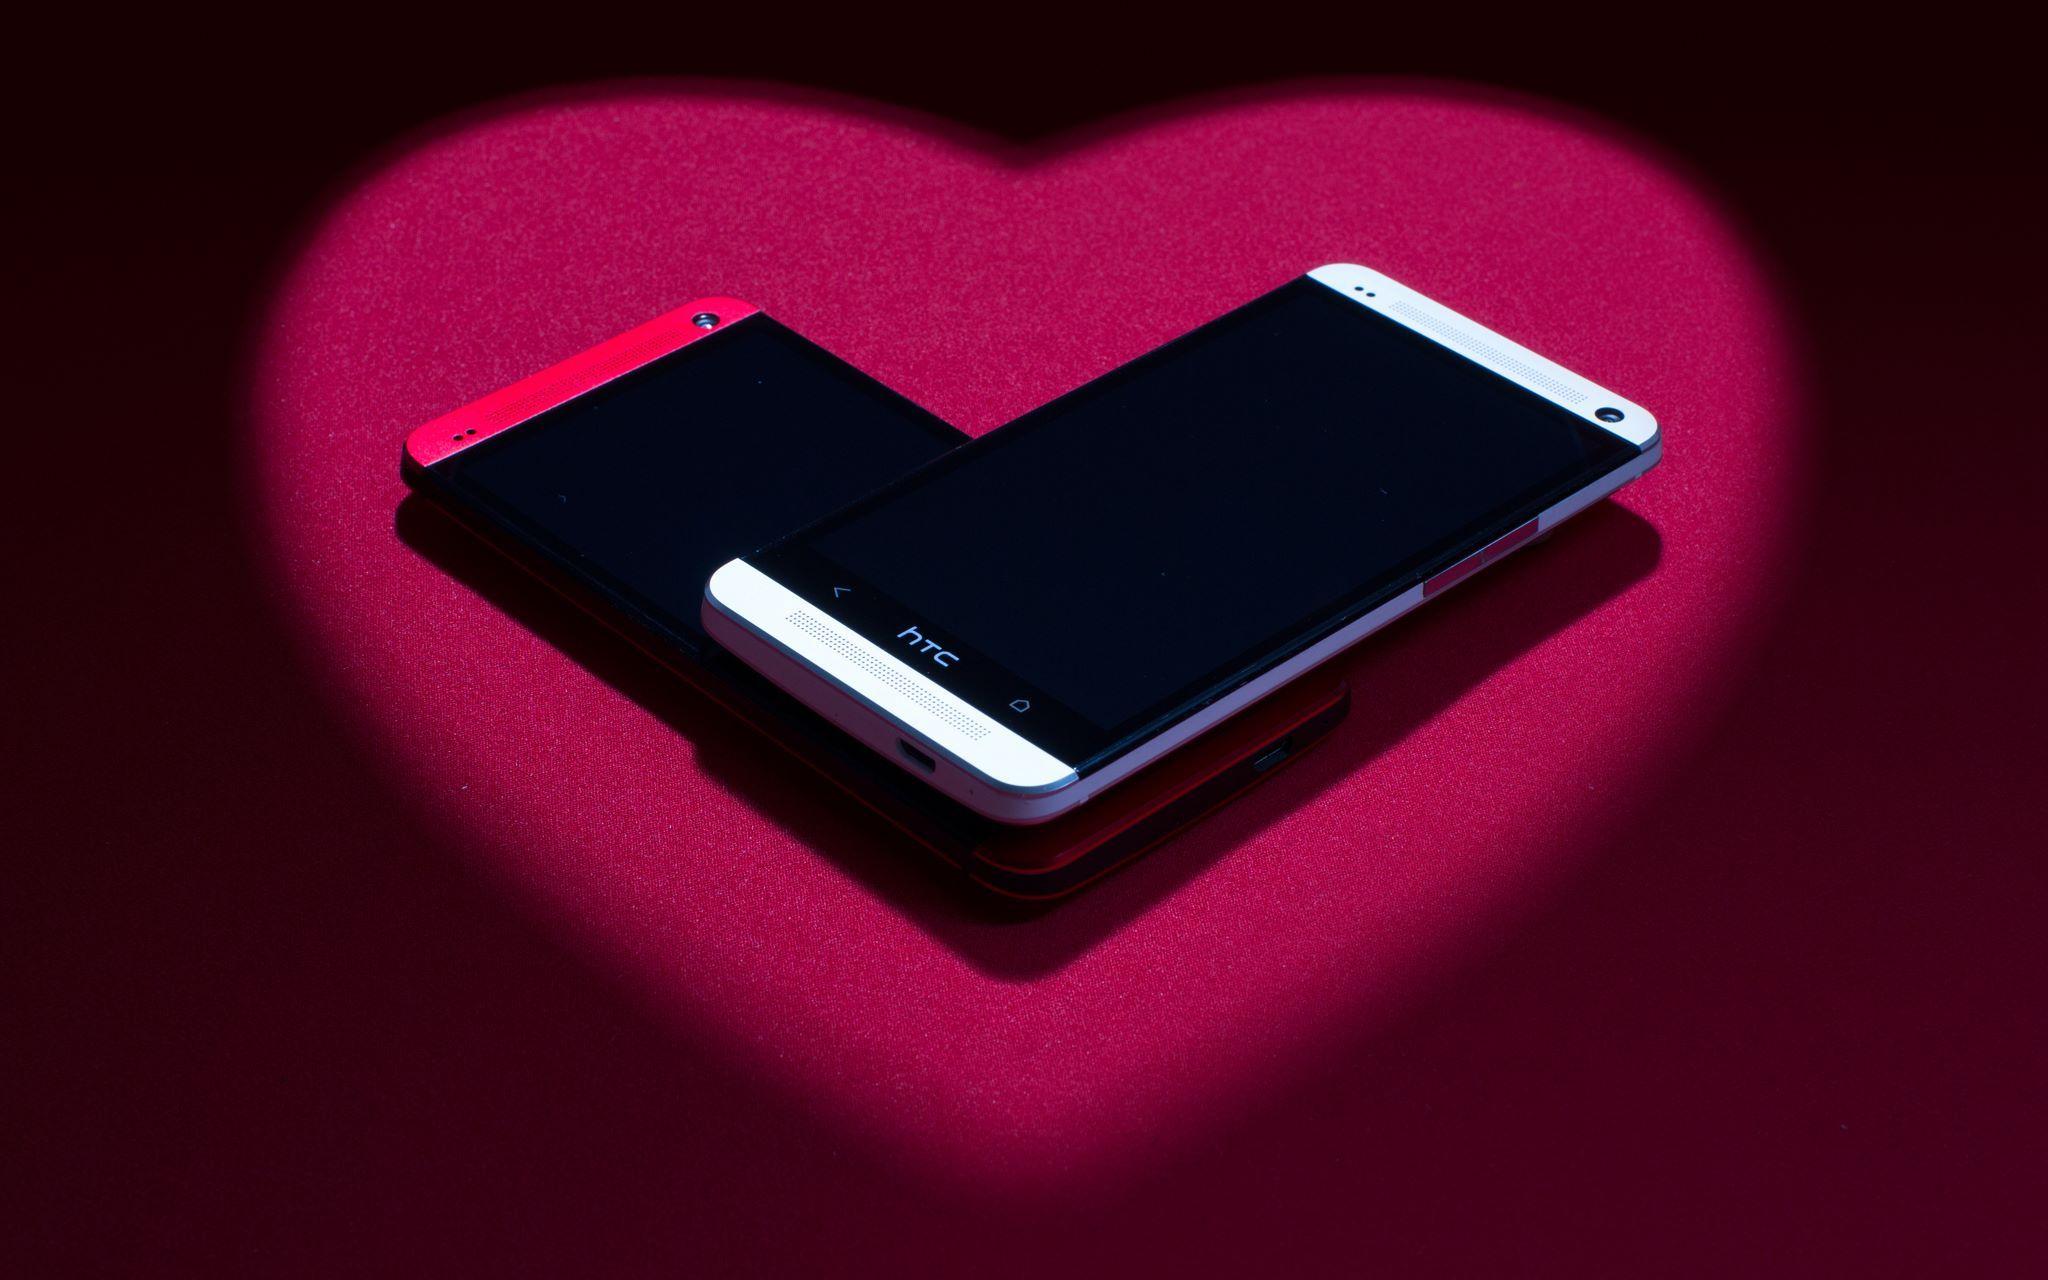 Einen Frohen Valentinstag Wünscht Euch #HTC   Denkt An Eure Liebsten Und  Macht Ihnen Eine